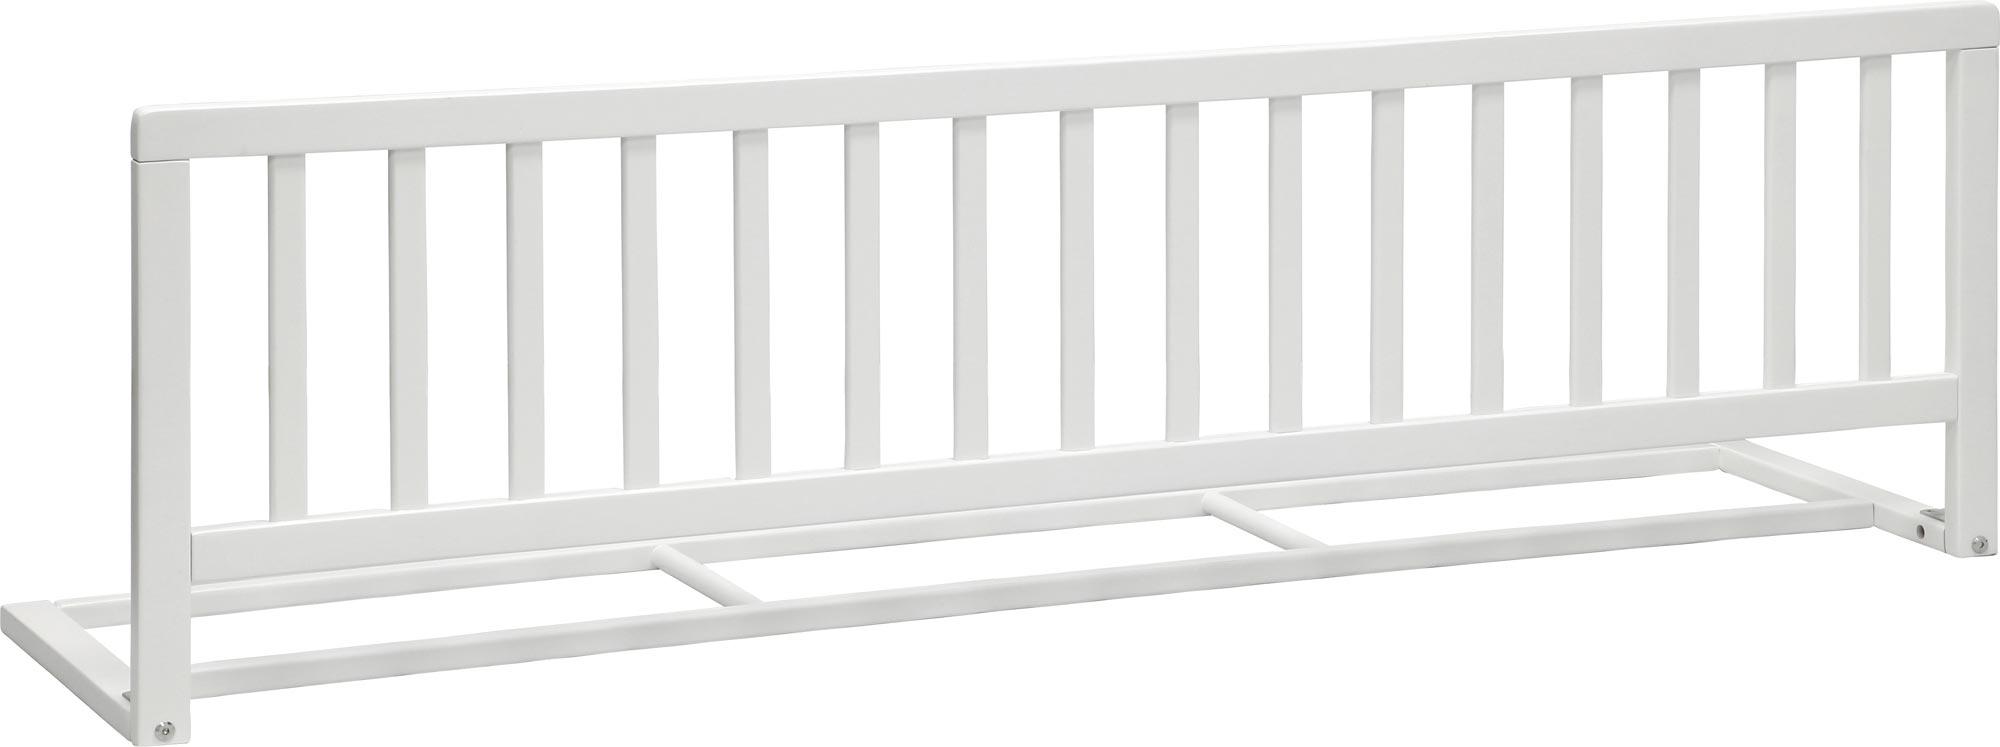 bettgitter holz flamo 140x42cm rausfallschutz bettschutzgitter gitter kinderbett ebay. Black Bedroom Furniture Sets. Home Design Ideas